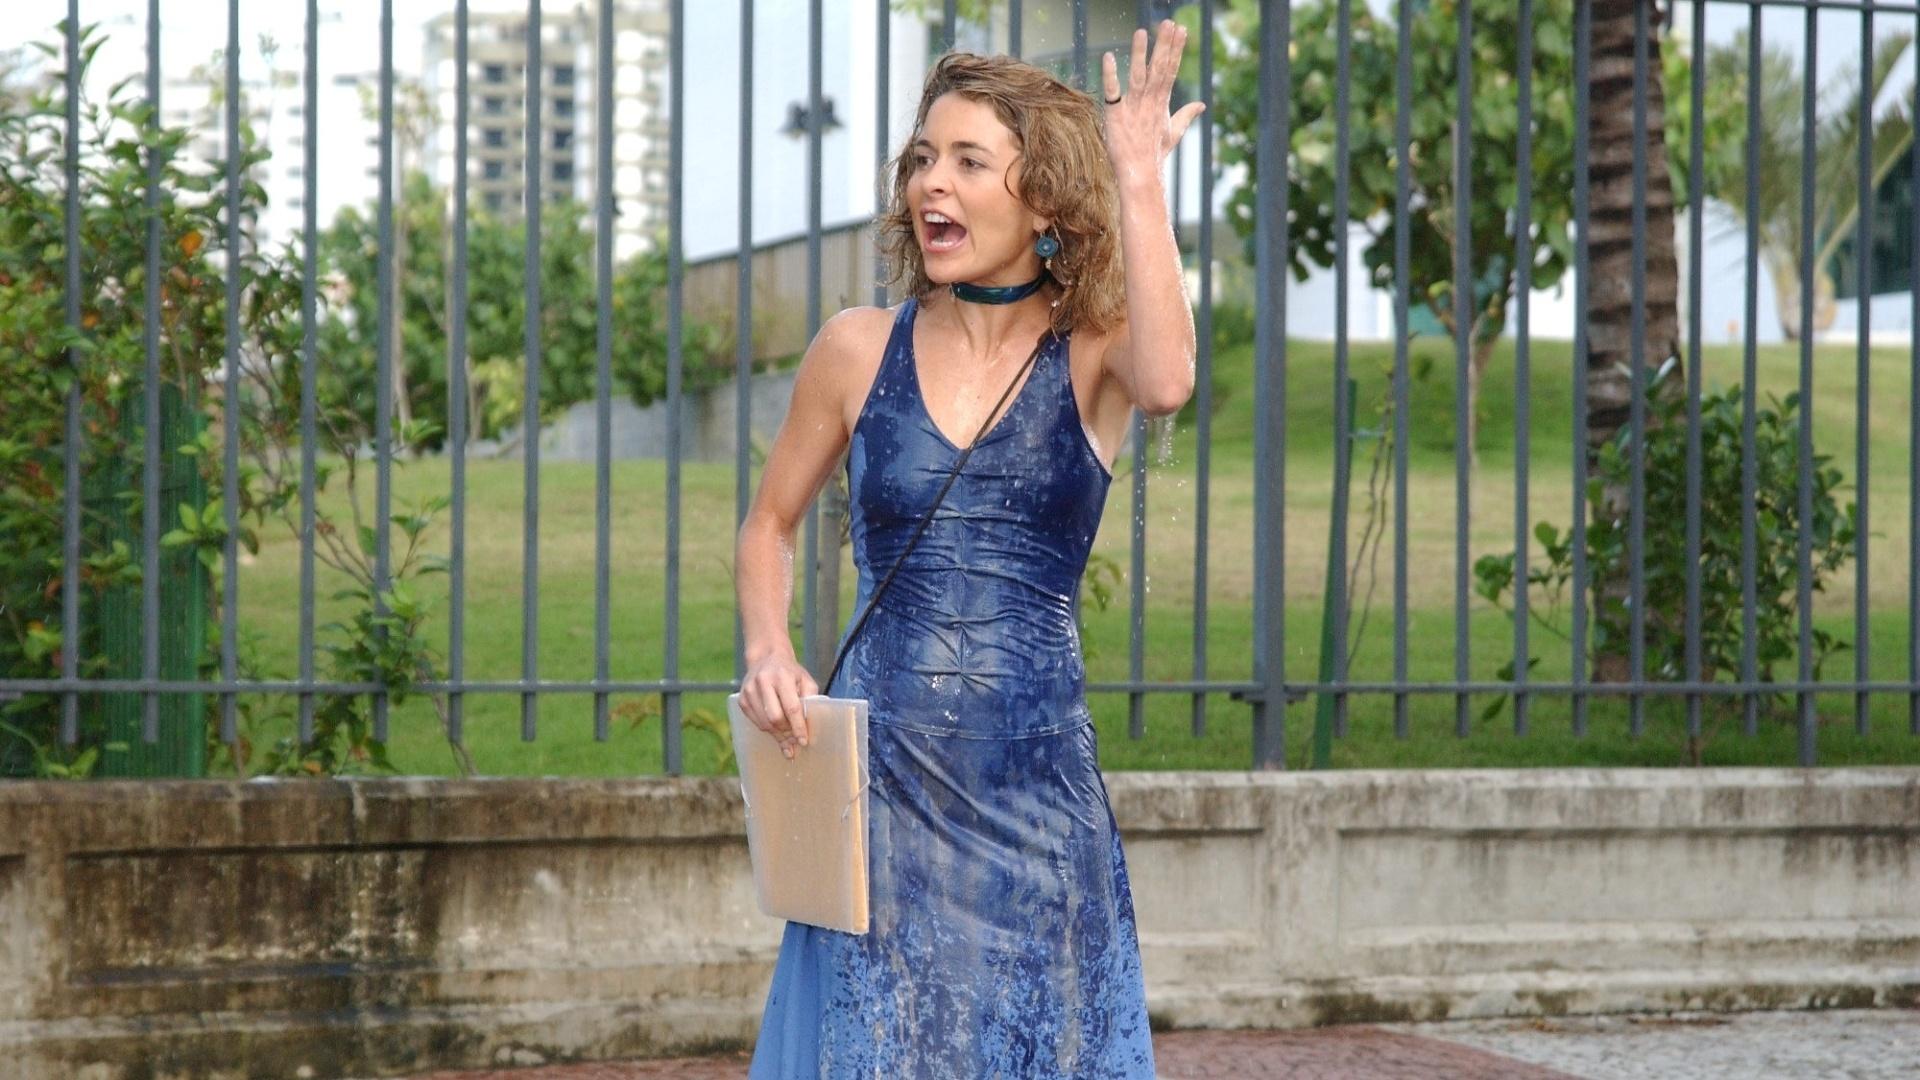 http://tv.i.uol.com.br/album/2012/03/21/claudia-abreu-como-laura-em-celebridade-2003-2004-1332358276880_1920x1080.jpg